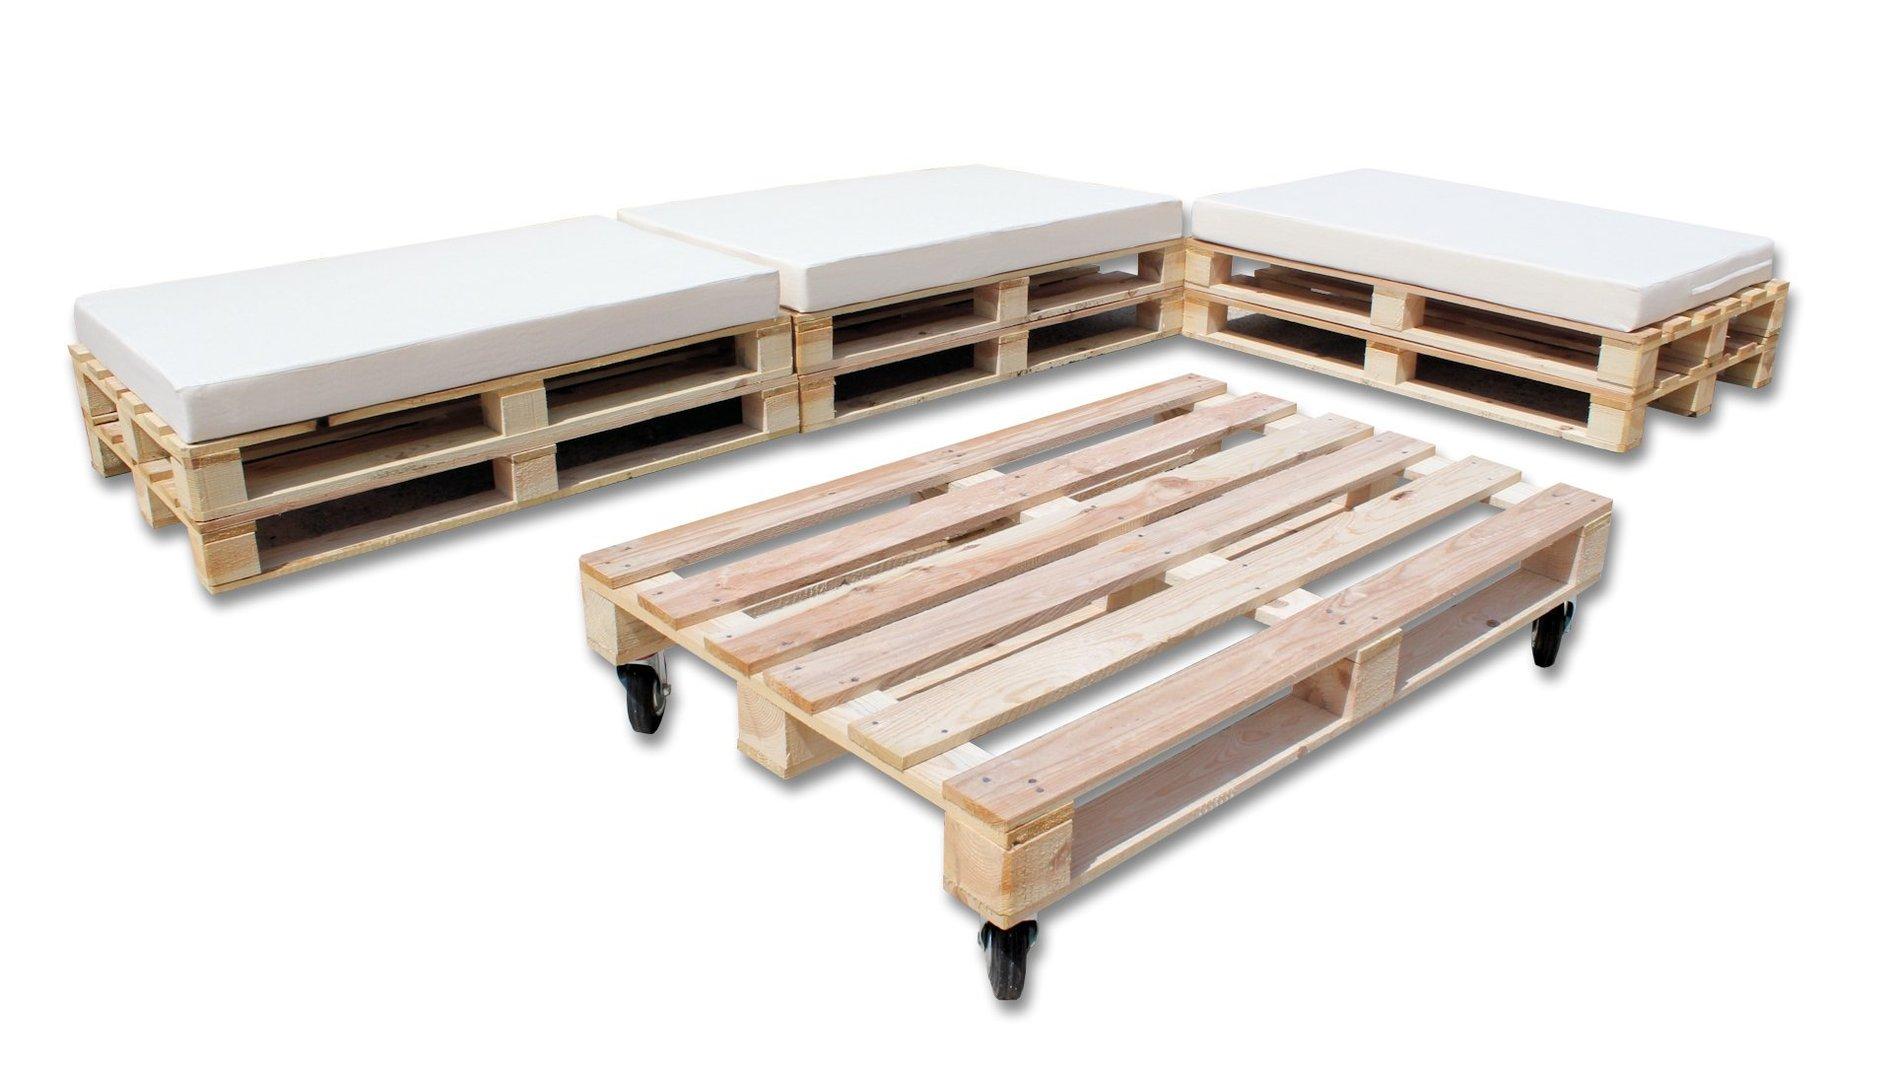 Mesas de palets precios awesome rusell mesa palets mesa - Palets de madera ...